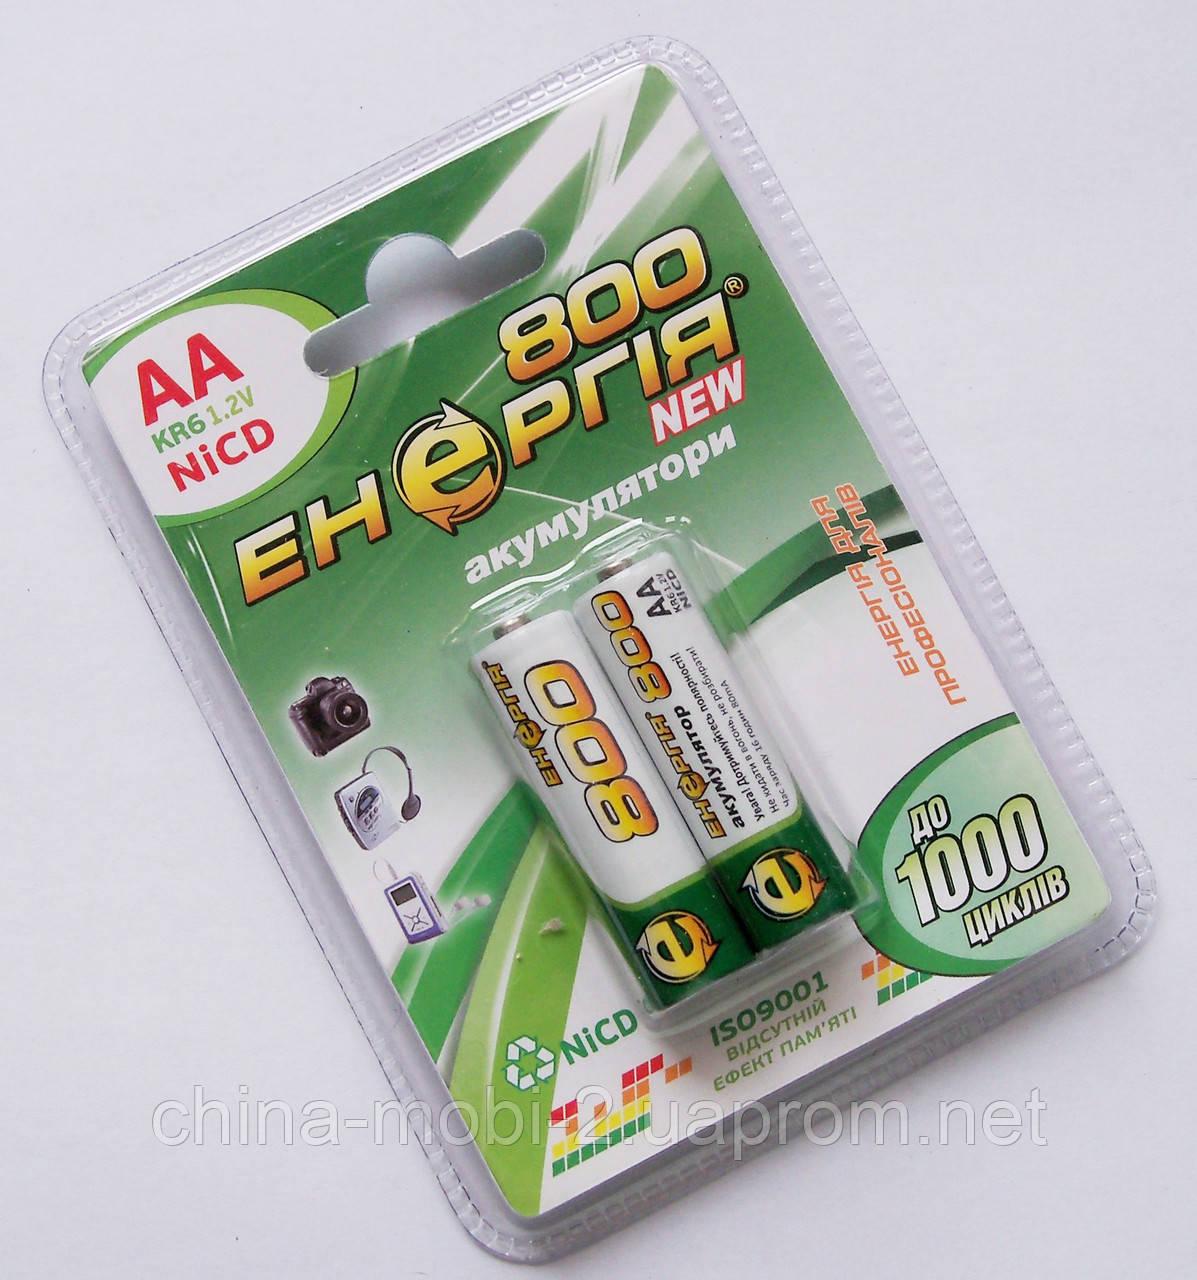 Аккумулятор AA Энергия NiCD 800 mAh